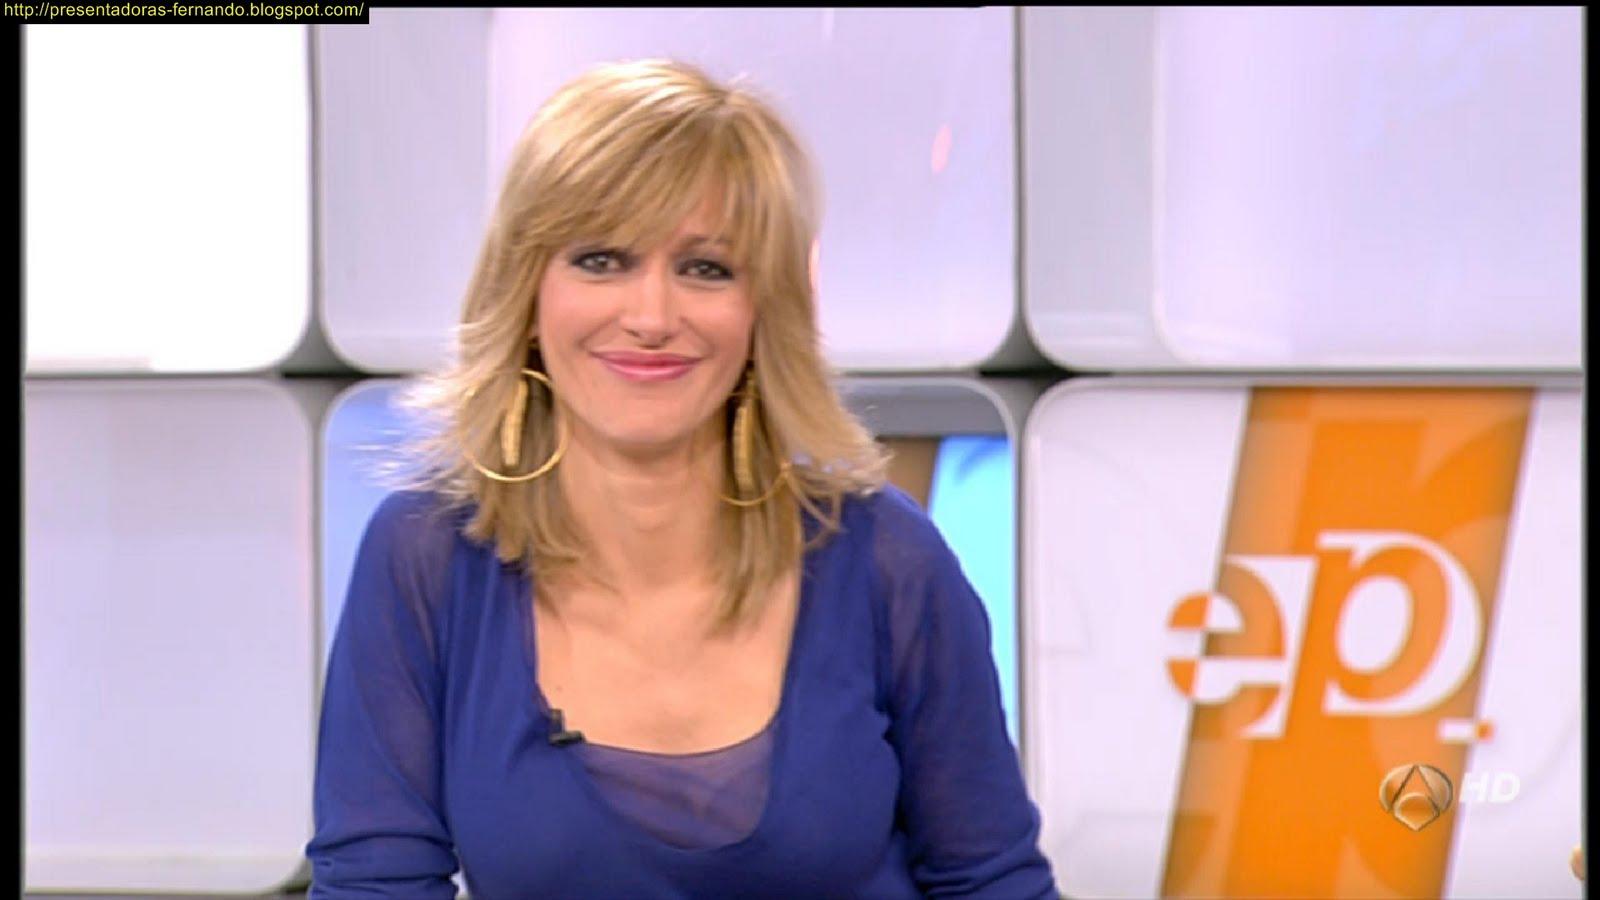 Presentadoras fernando susana griso luciendo escote con transparencias espejo publico 28 11 2011 - Espejo publico hoy ...